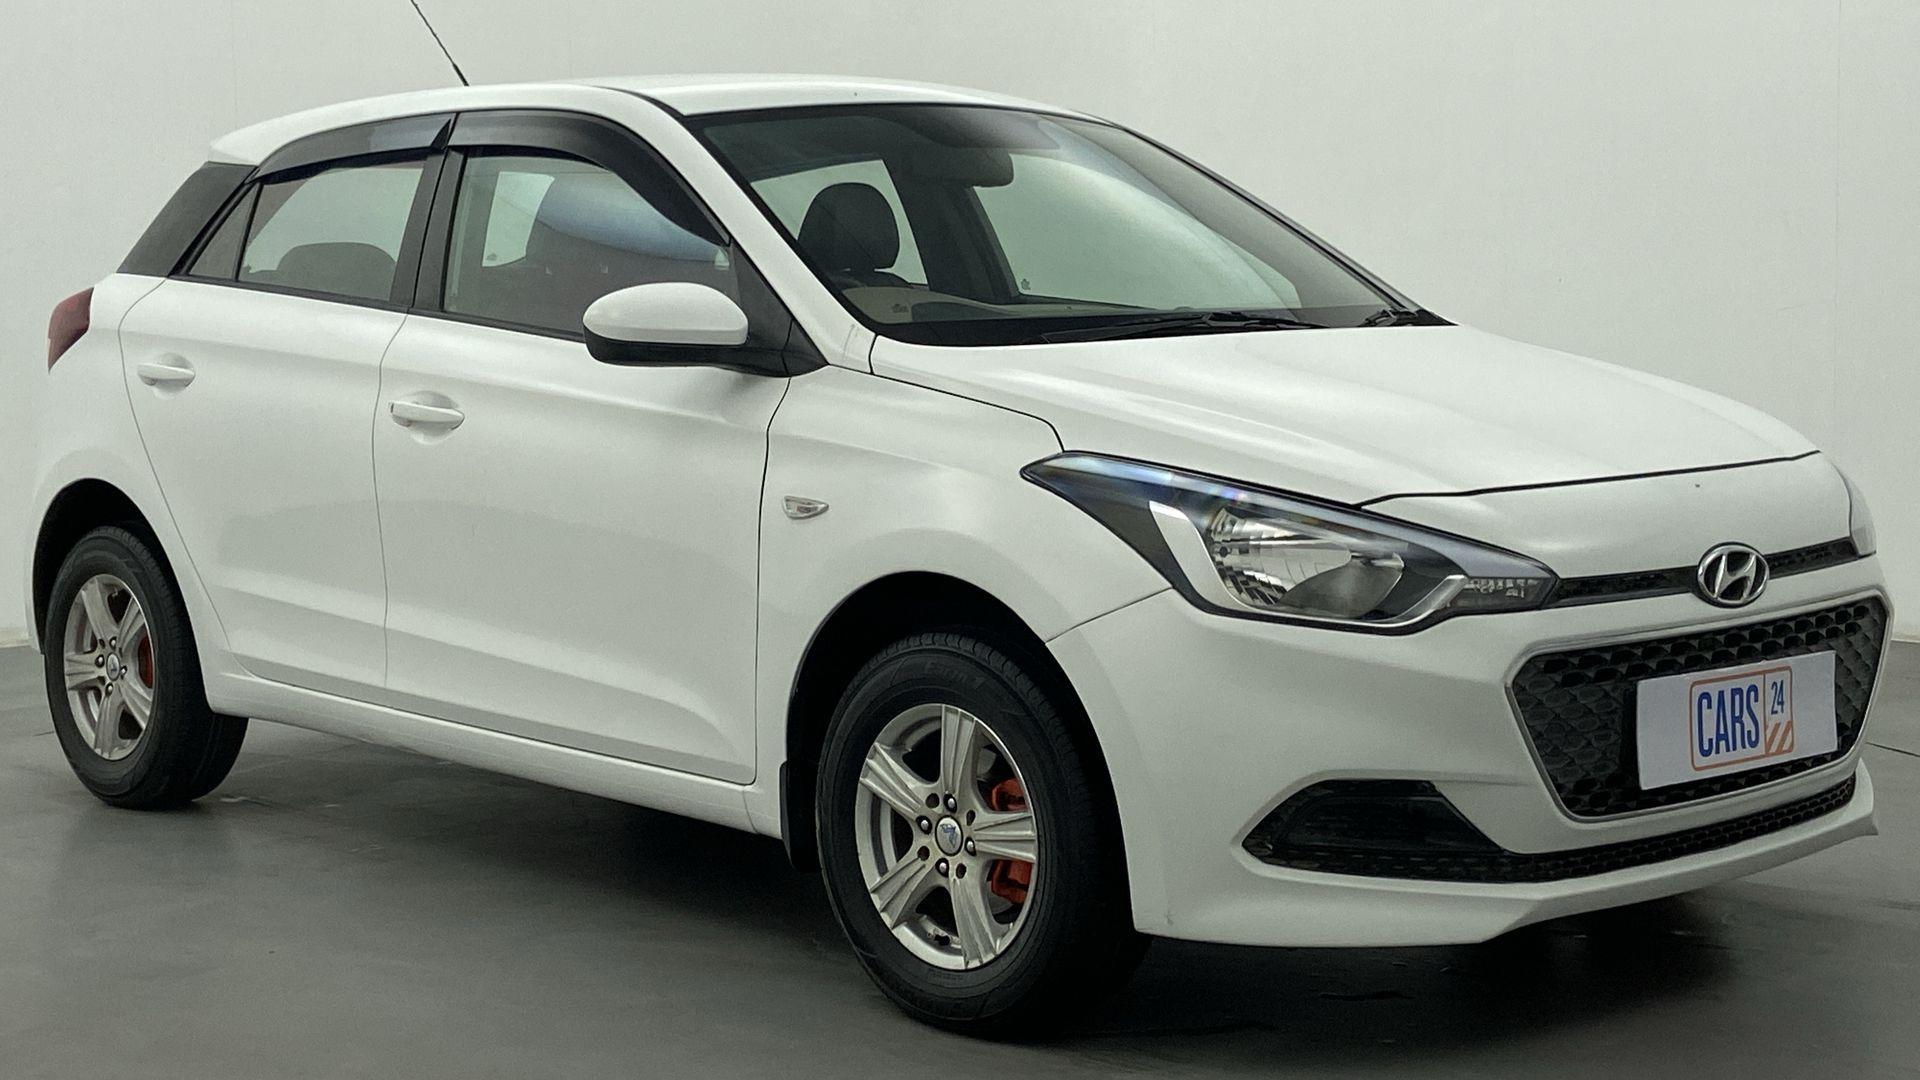 2015 Hyundai Elite i20 MAGNA 1.4 CRDI